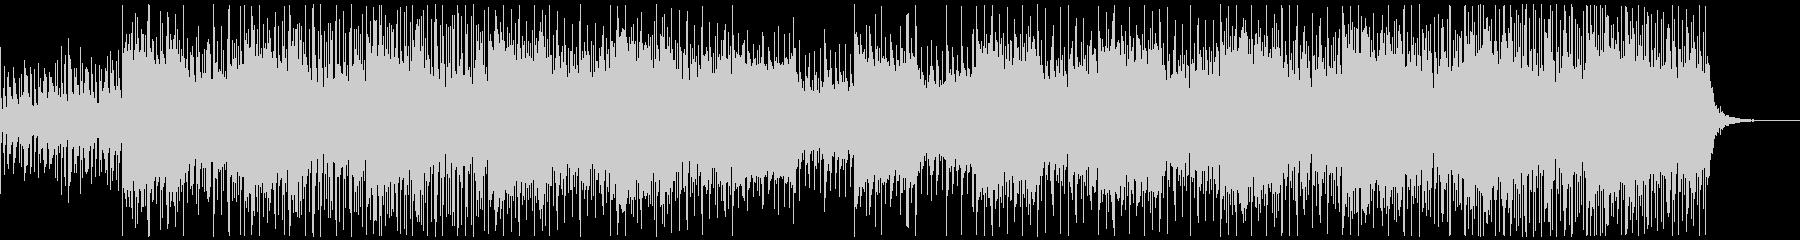 ピアノ、シンセサイザー、ベース、ビートをの未再生の波形